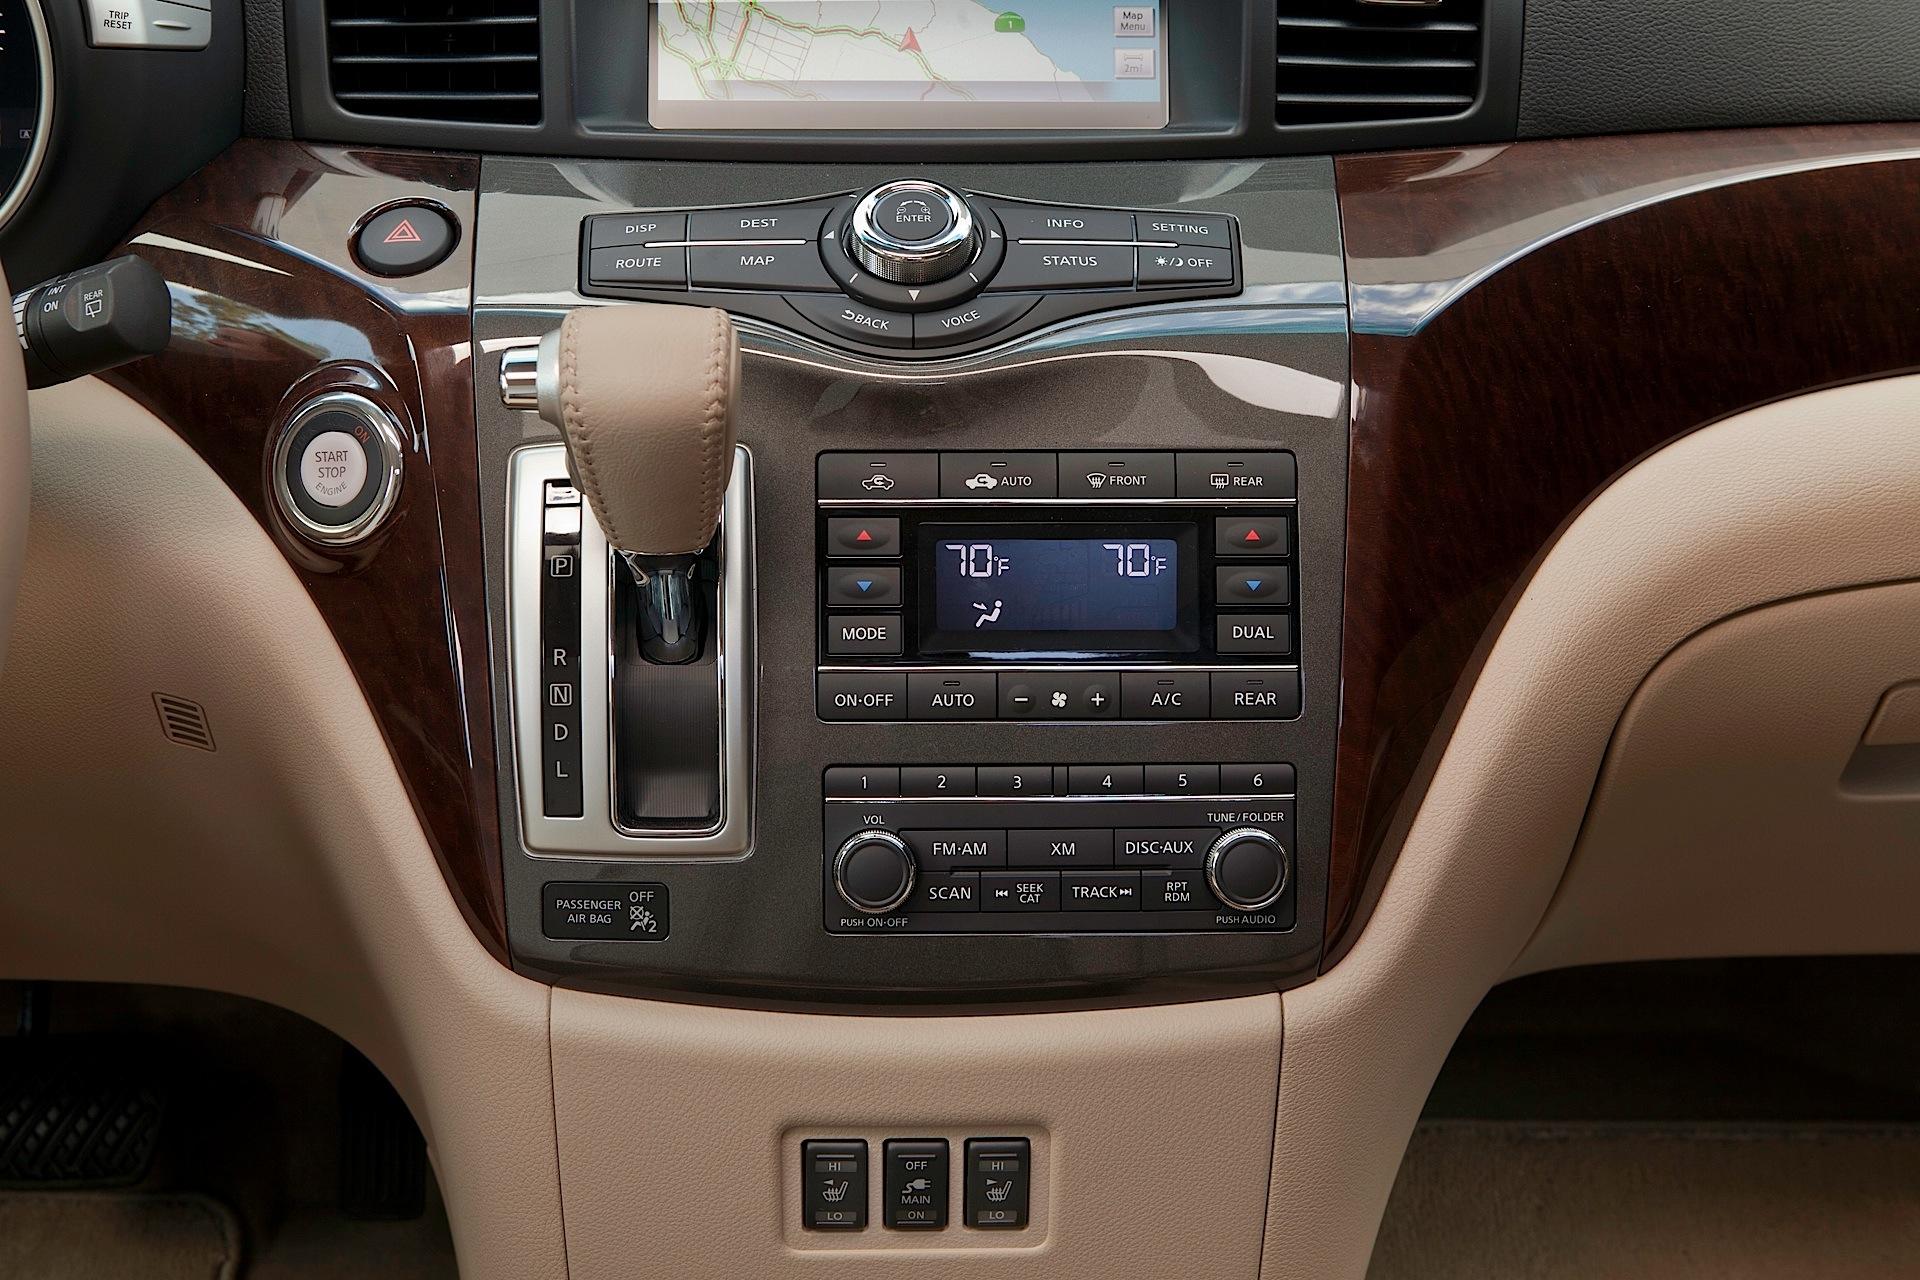 Nissan quest specs 2011 2012 2013 2014 2015 2016 2017 nissan quest 2011 present vanachro Choice Image